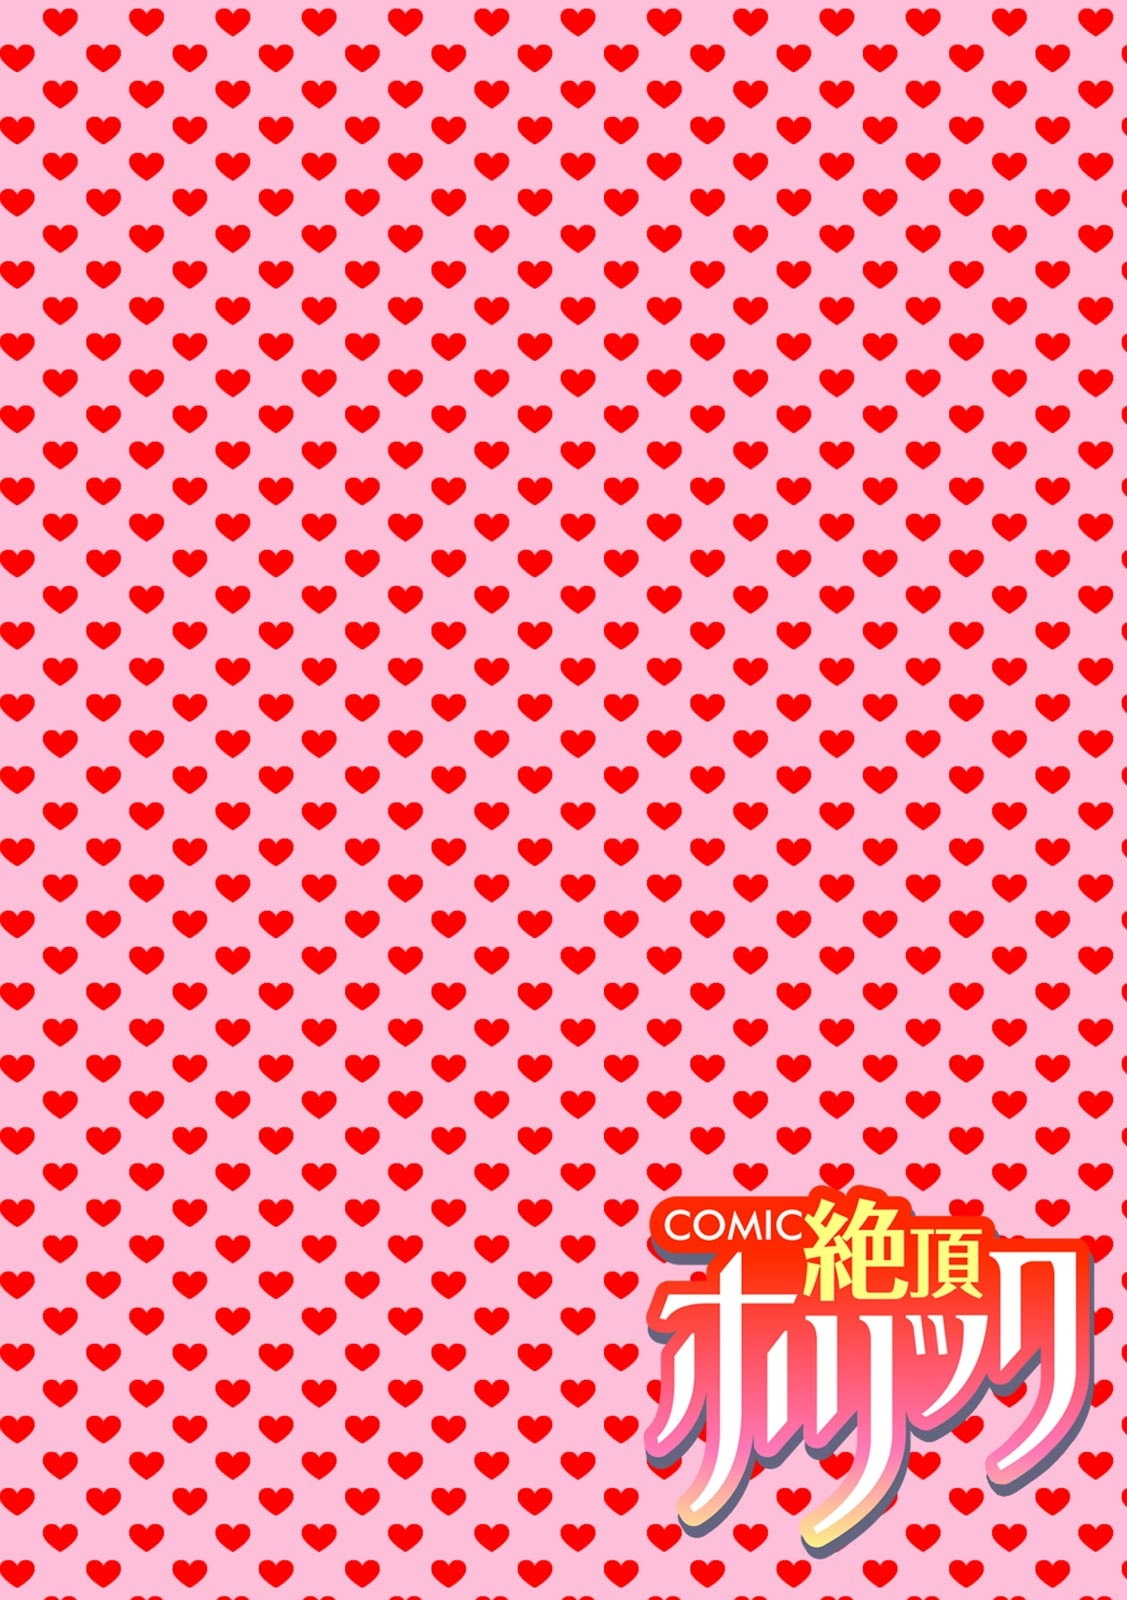 COMIC絶頂ホリック vol.33 サンプル画像4